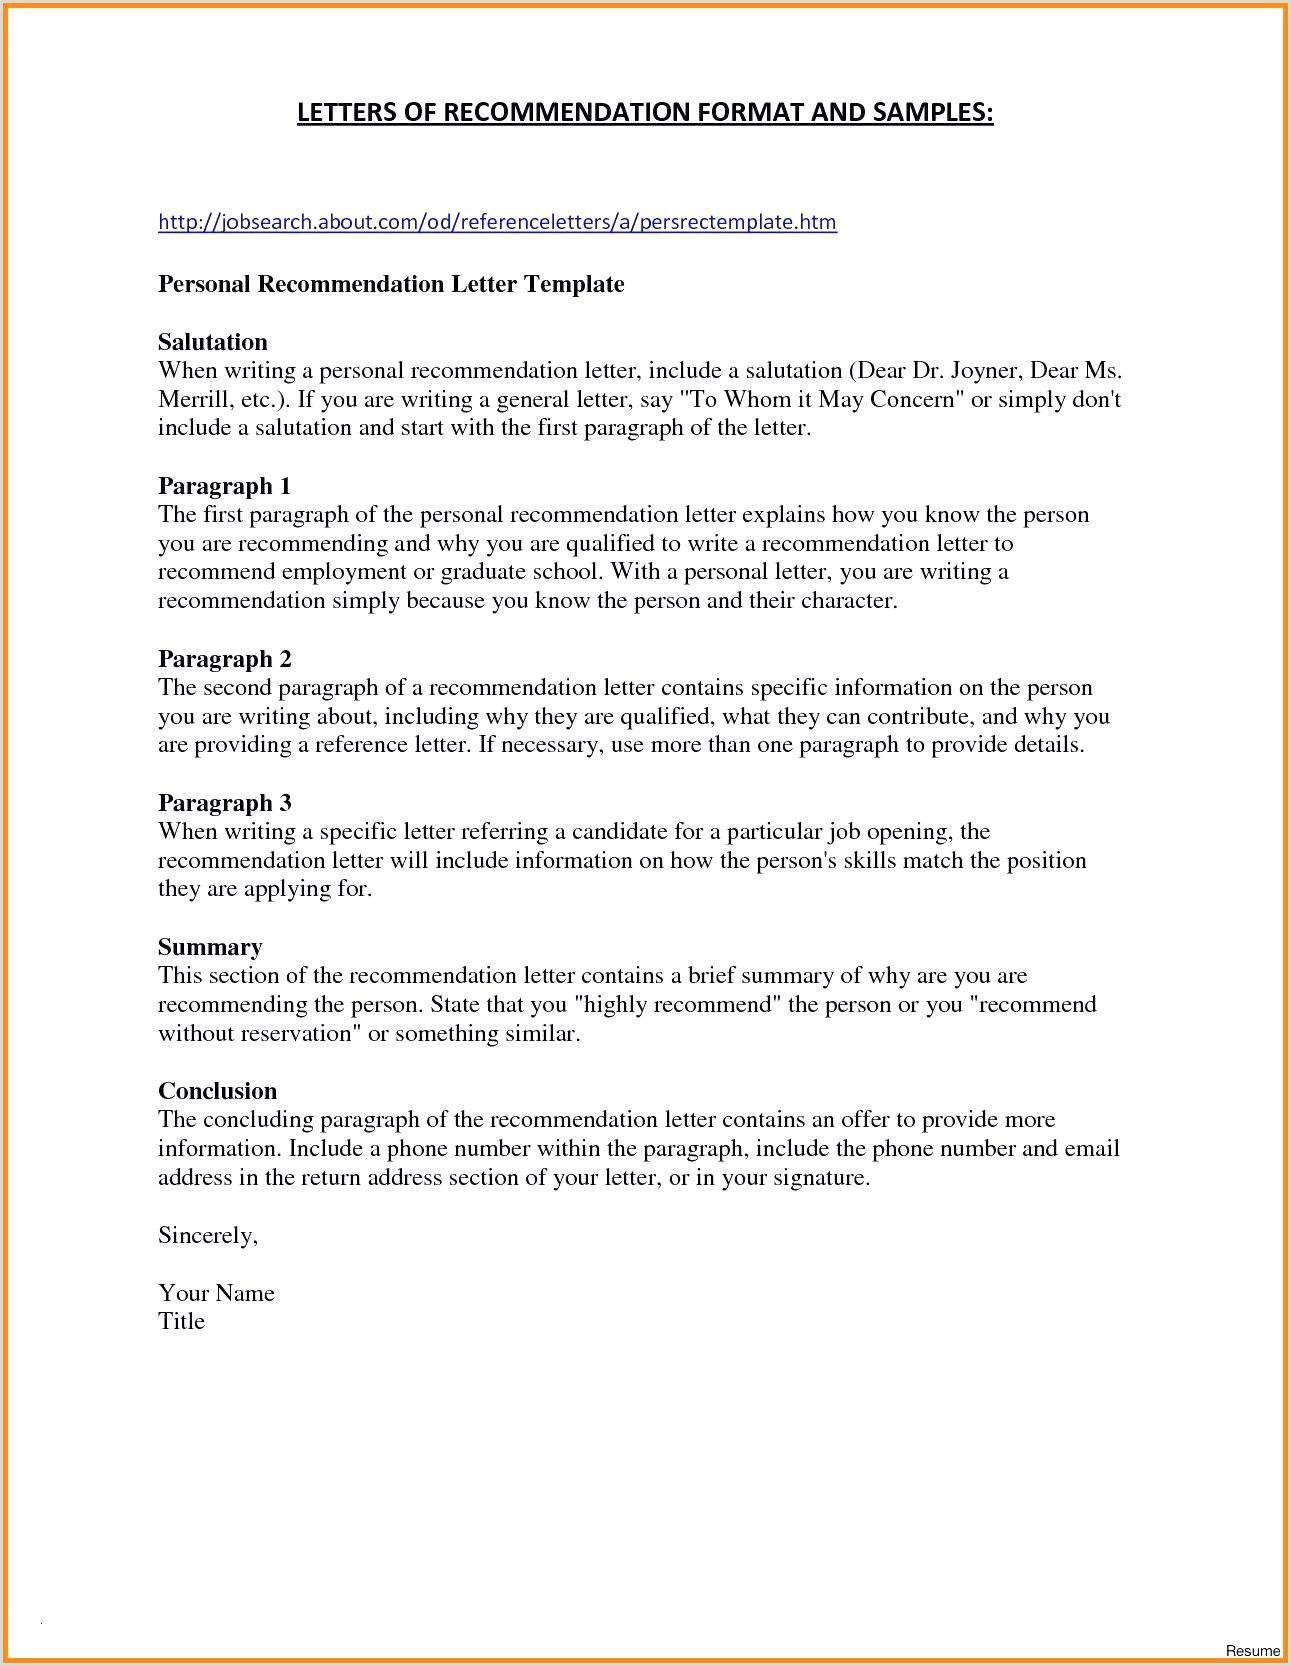 Lebenslauf Muster Reinigungskraft Lebenslauf Muster Reinigungskraft Lebenslauf Muster Reinigungskraft Stellenb Cover Letter For Resume Job Application Cover Letter Lettering